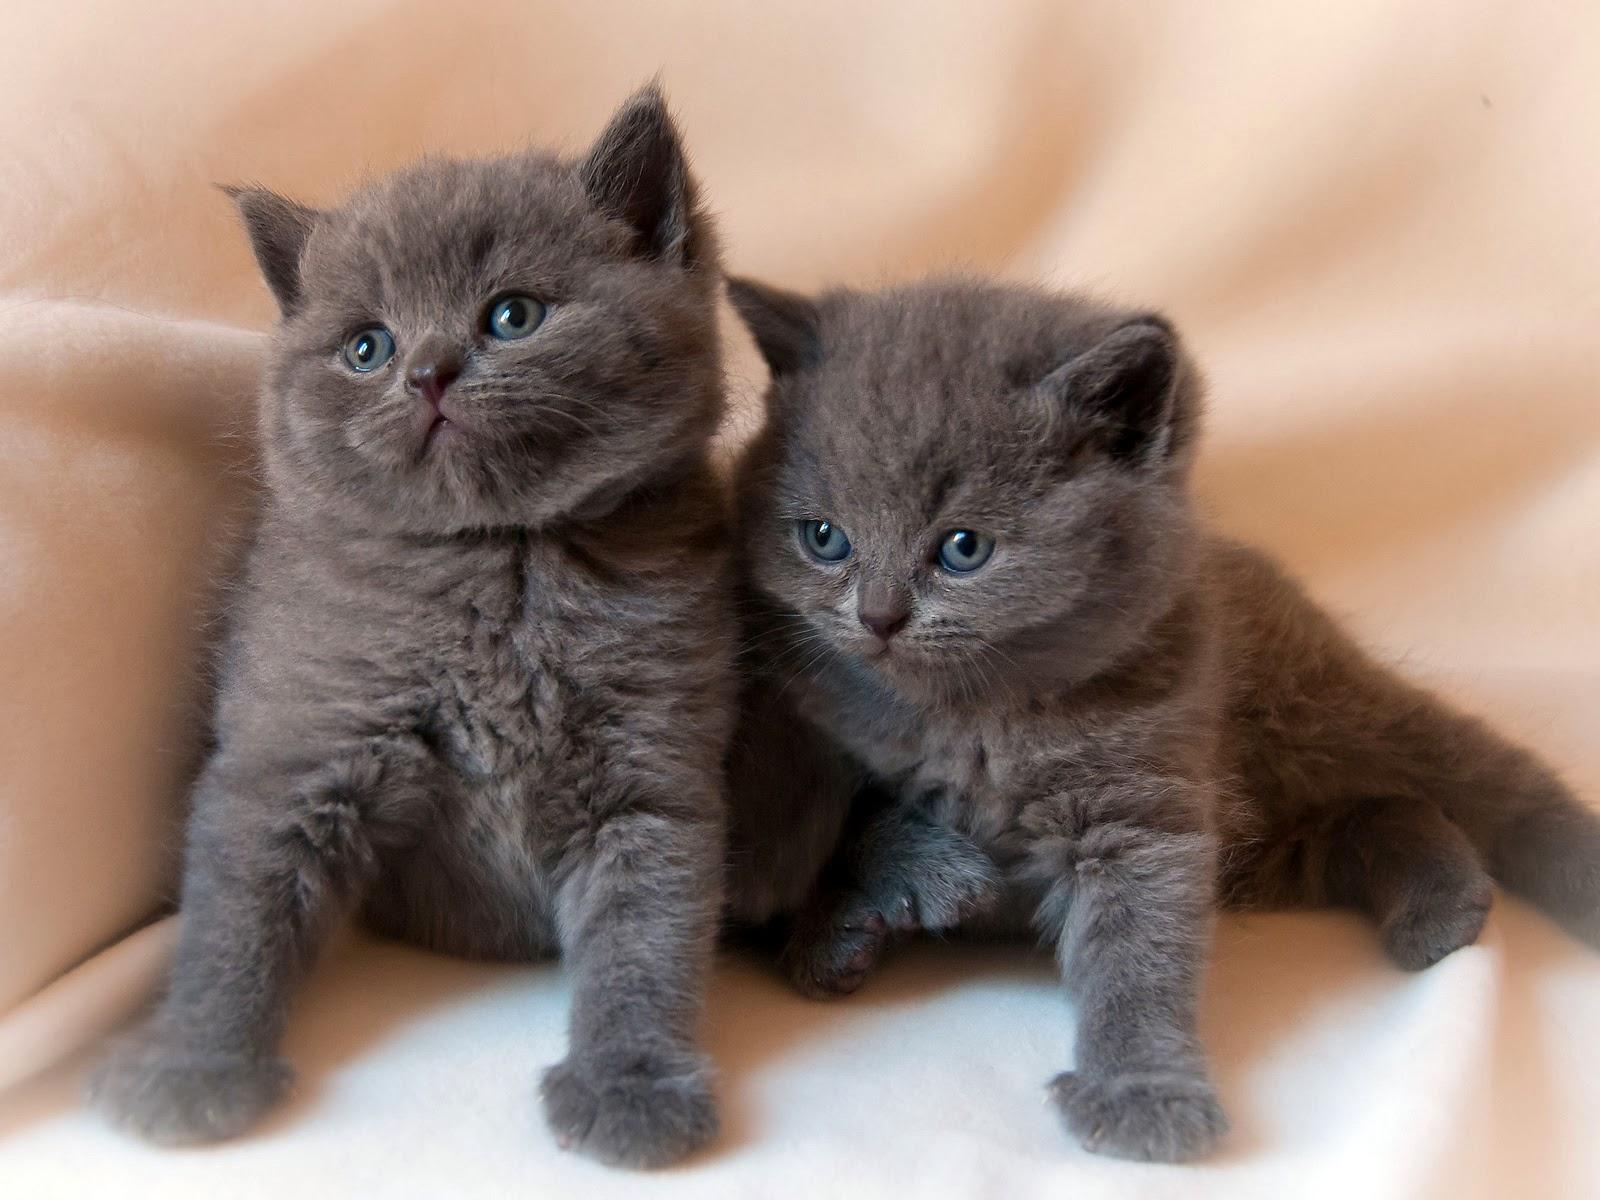 Fotos de gatitos bebes Mejores fotos del mundo para facebook